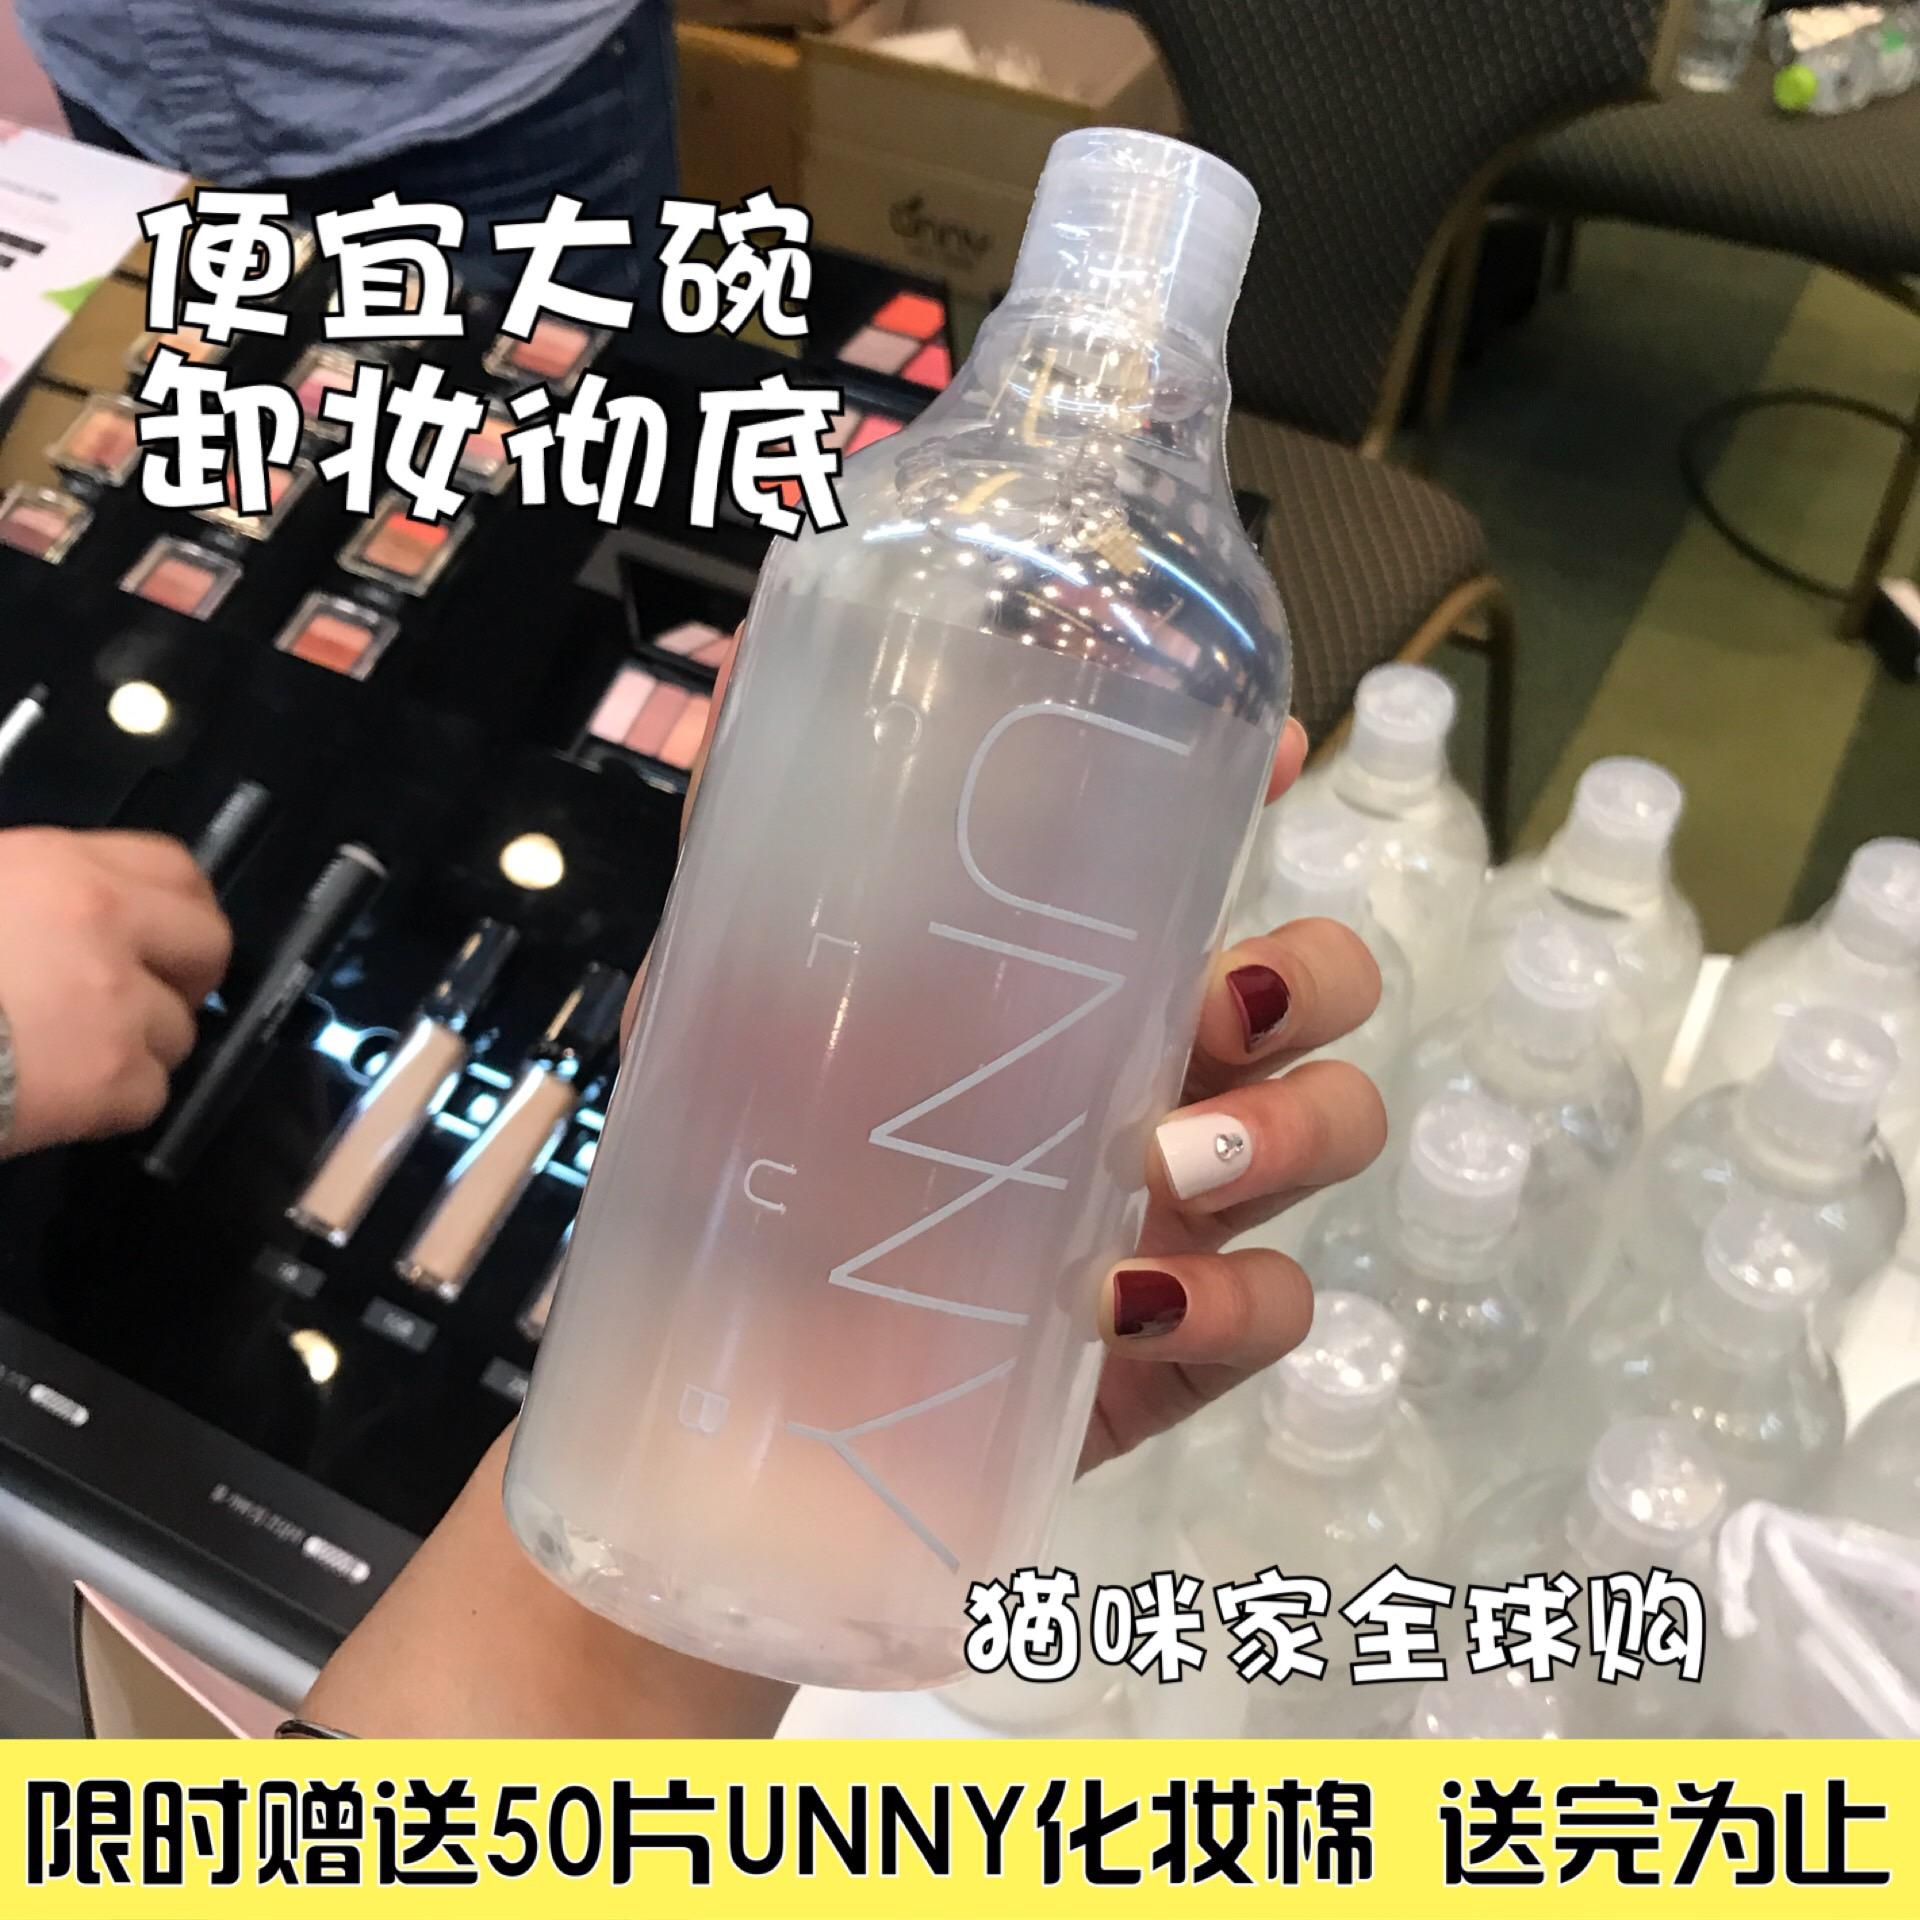 猫咪家 韩国unny卸妆水大瓶500ml推荐清爽不油干净送化妆棉热卖